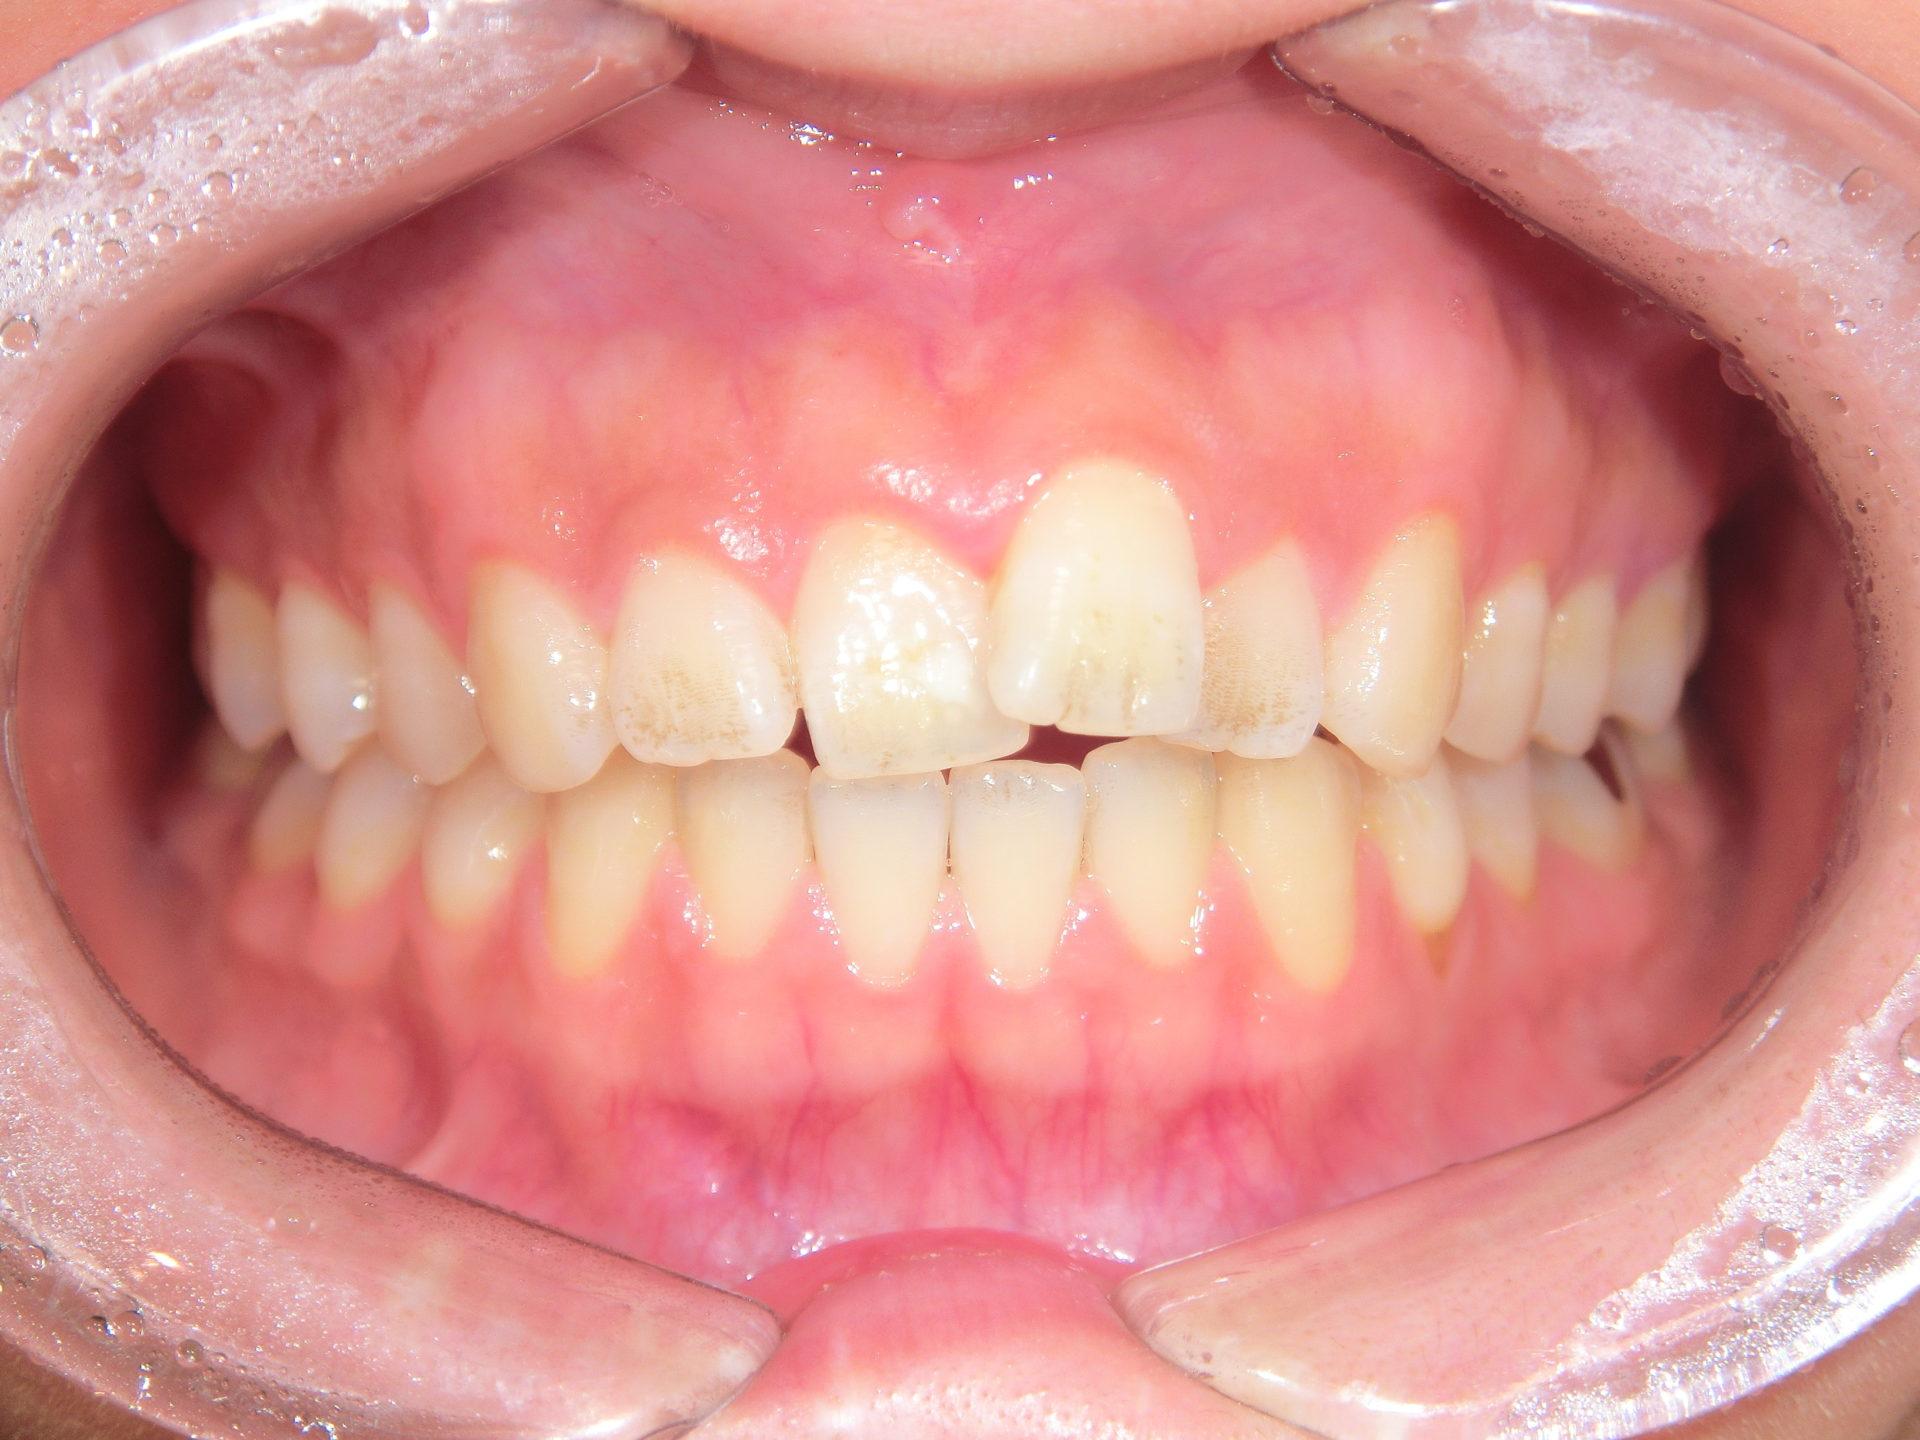 マウスピース矯正 ~左上前歯~